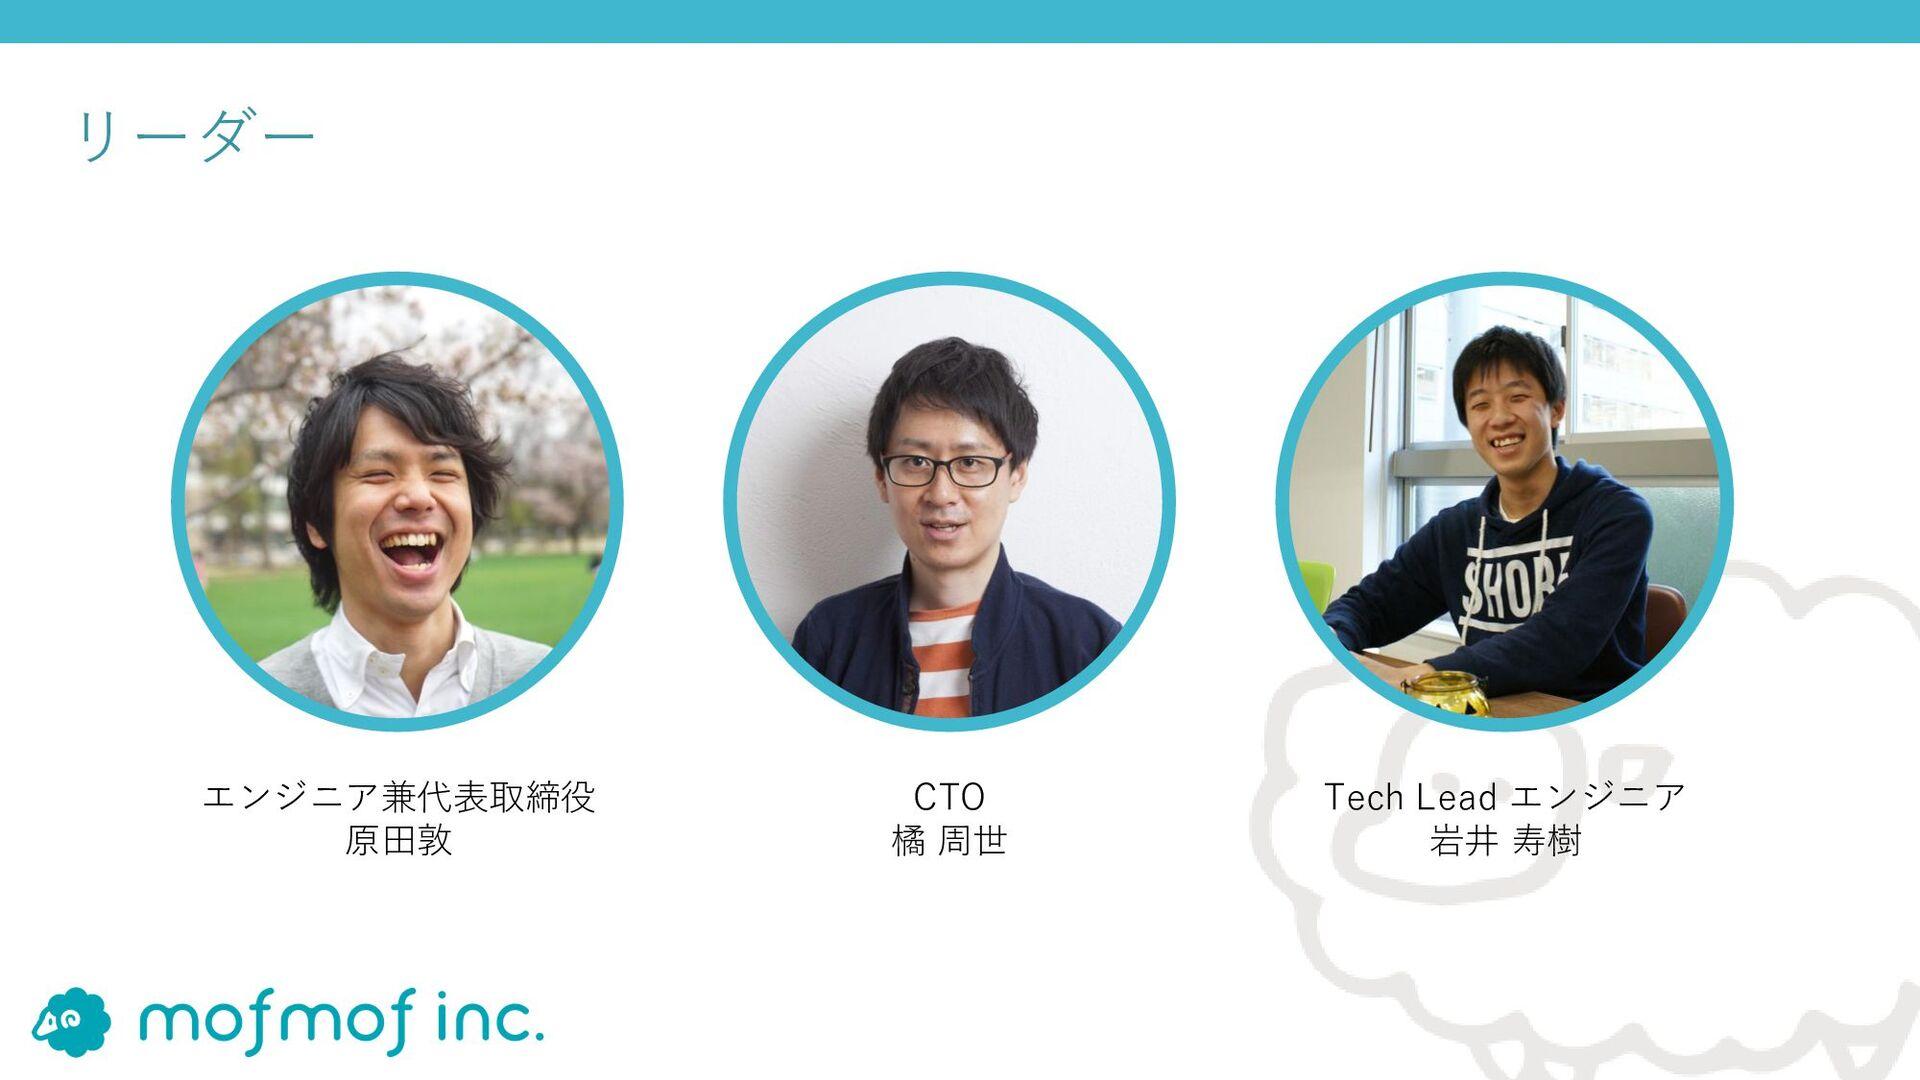 リーダー エンジニア兼代表取締役 原⽥敦 Tech Lead エンジニア 岩井 寿樹